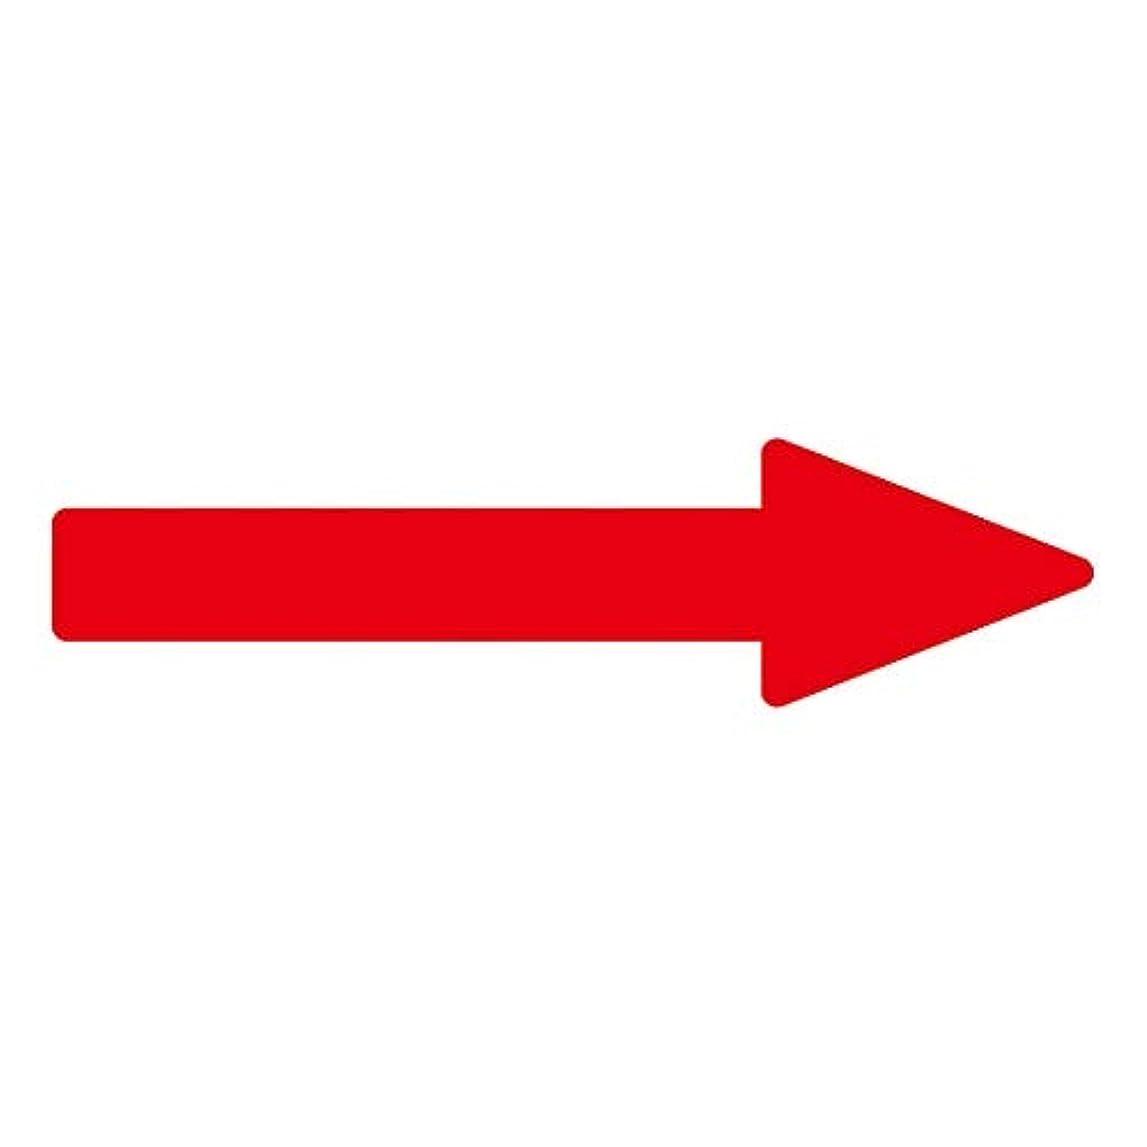 分析大学感謝している配管識別方向表示ステッカー ?→(赤)? 貼矢82/61-3408-75